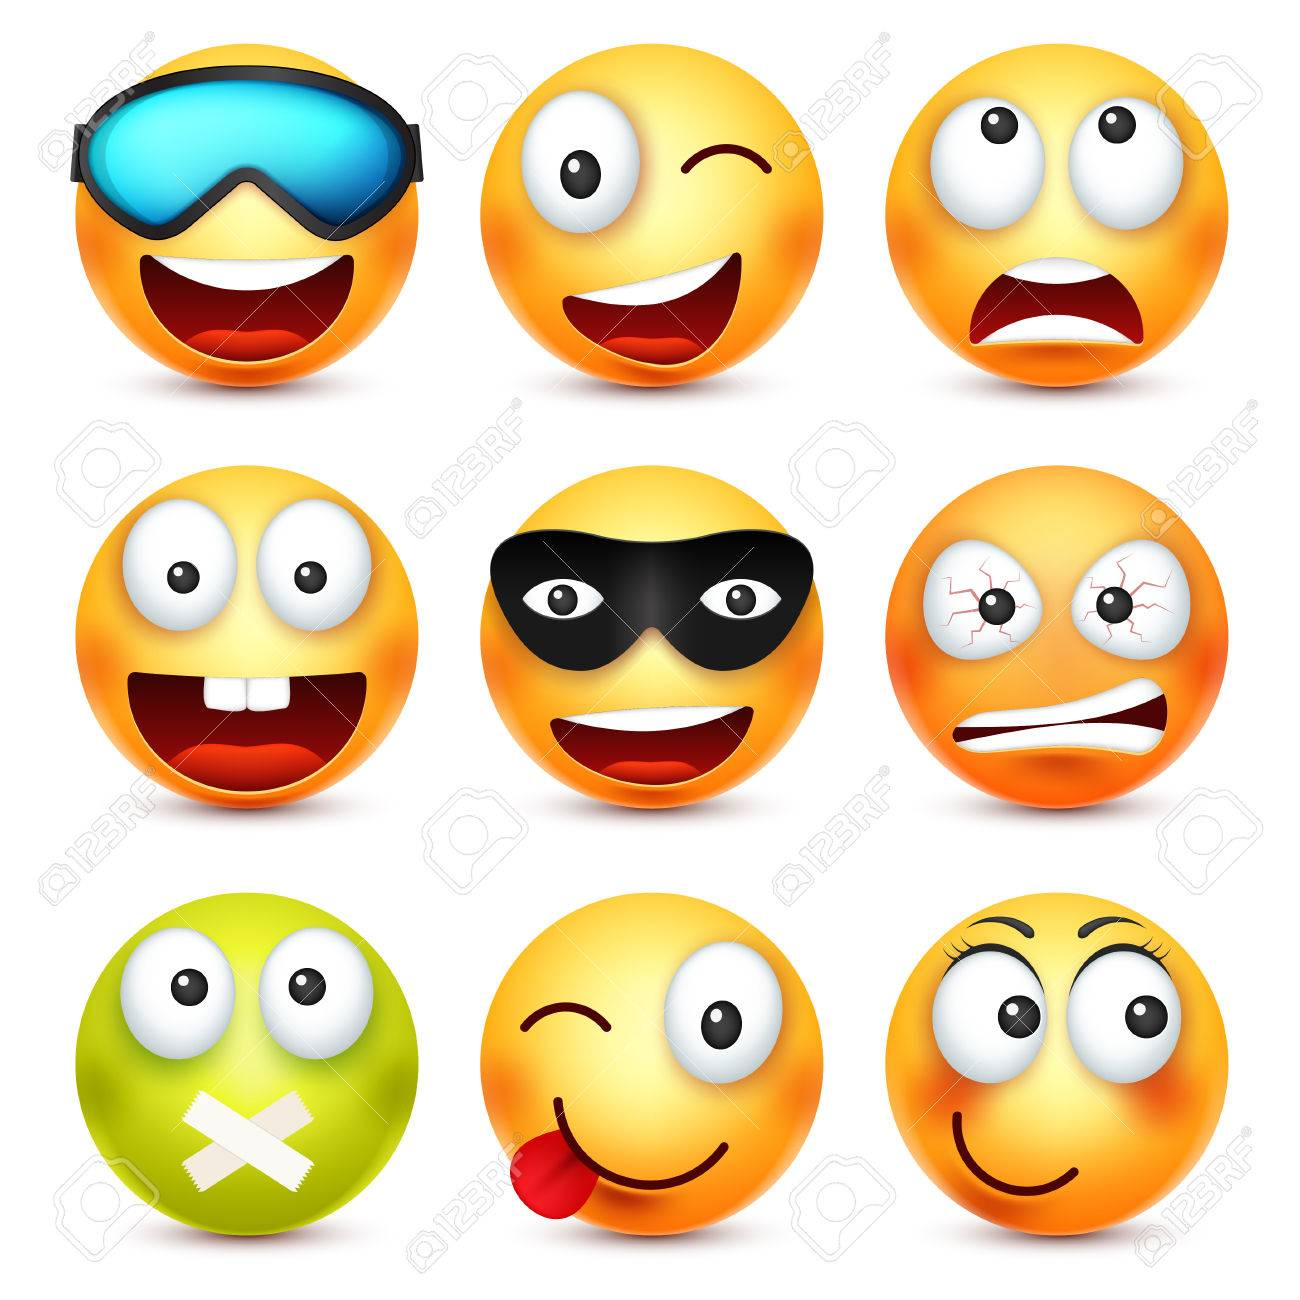 Smiley Avec Des Lunettes Souriant Enerve Triste Emoticone Heureuse Visage Jaune Avec Emotions L Expression Du Visage Emoji 3d Realiste Personnage Drole De Dessin Anime Bonne Qualite Icone Web Illustration Vectorielle Clip Art